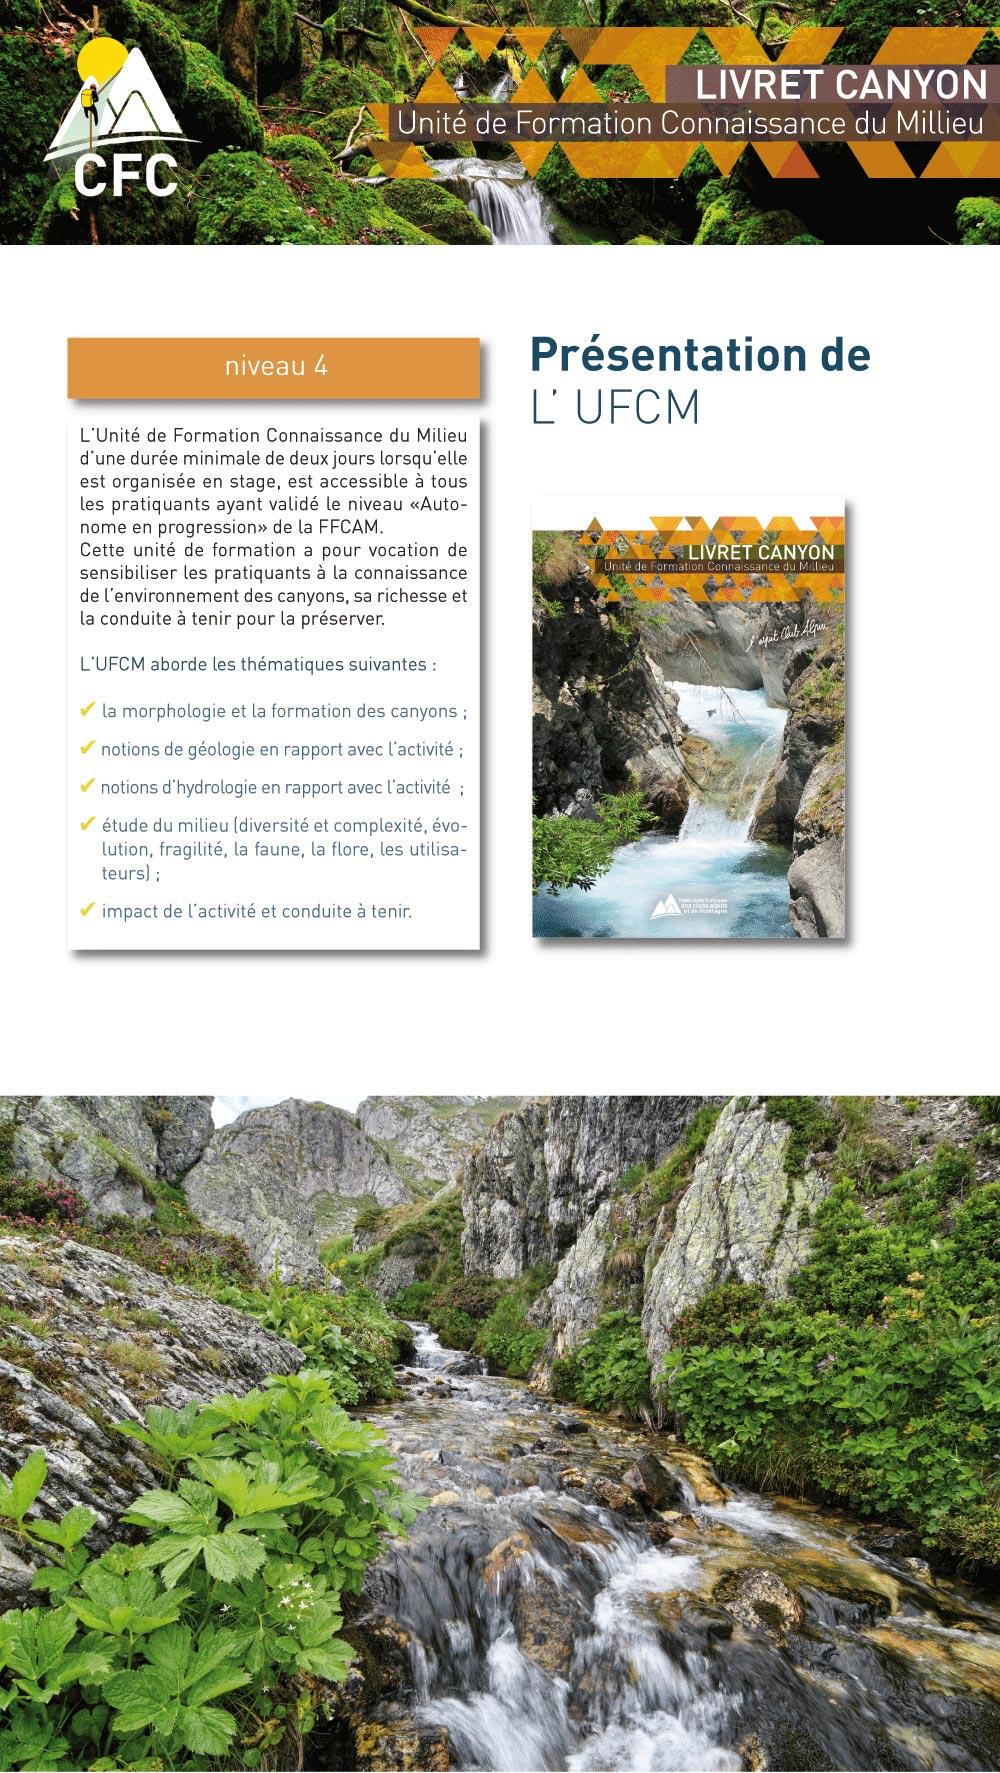 présentation de l'unité de formation connaissance du milieu en canyon